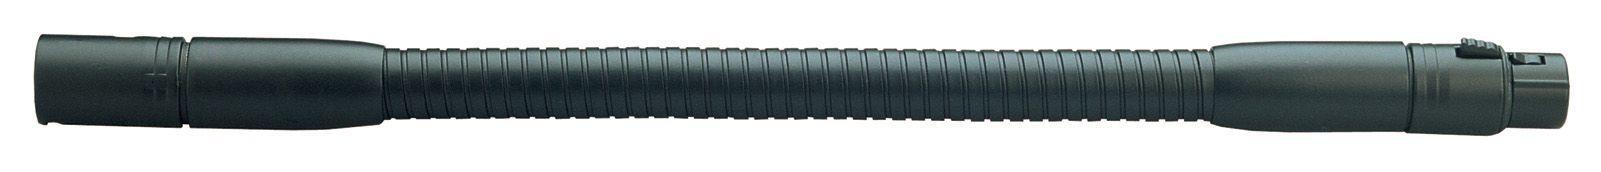 K&M 230/2 Schwanenhals 300mm